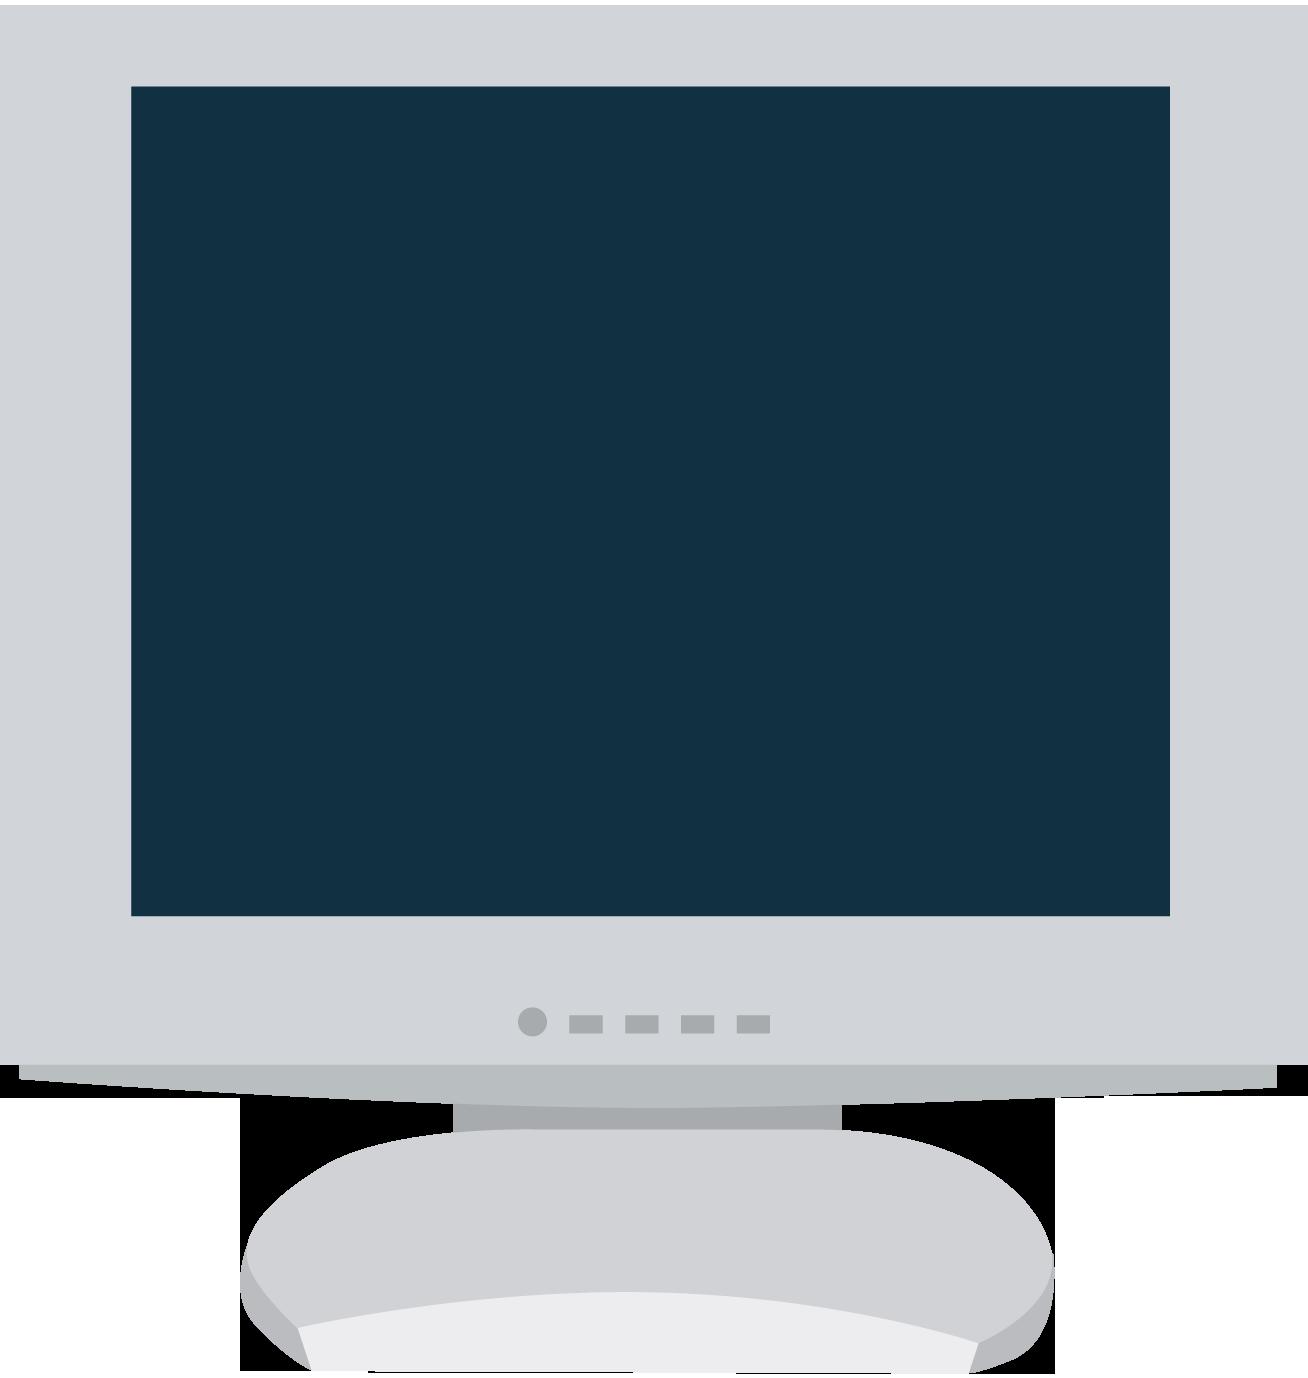 pc、パソコンのイラスト・フリー素材|ダウンロード03【素材っち】